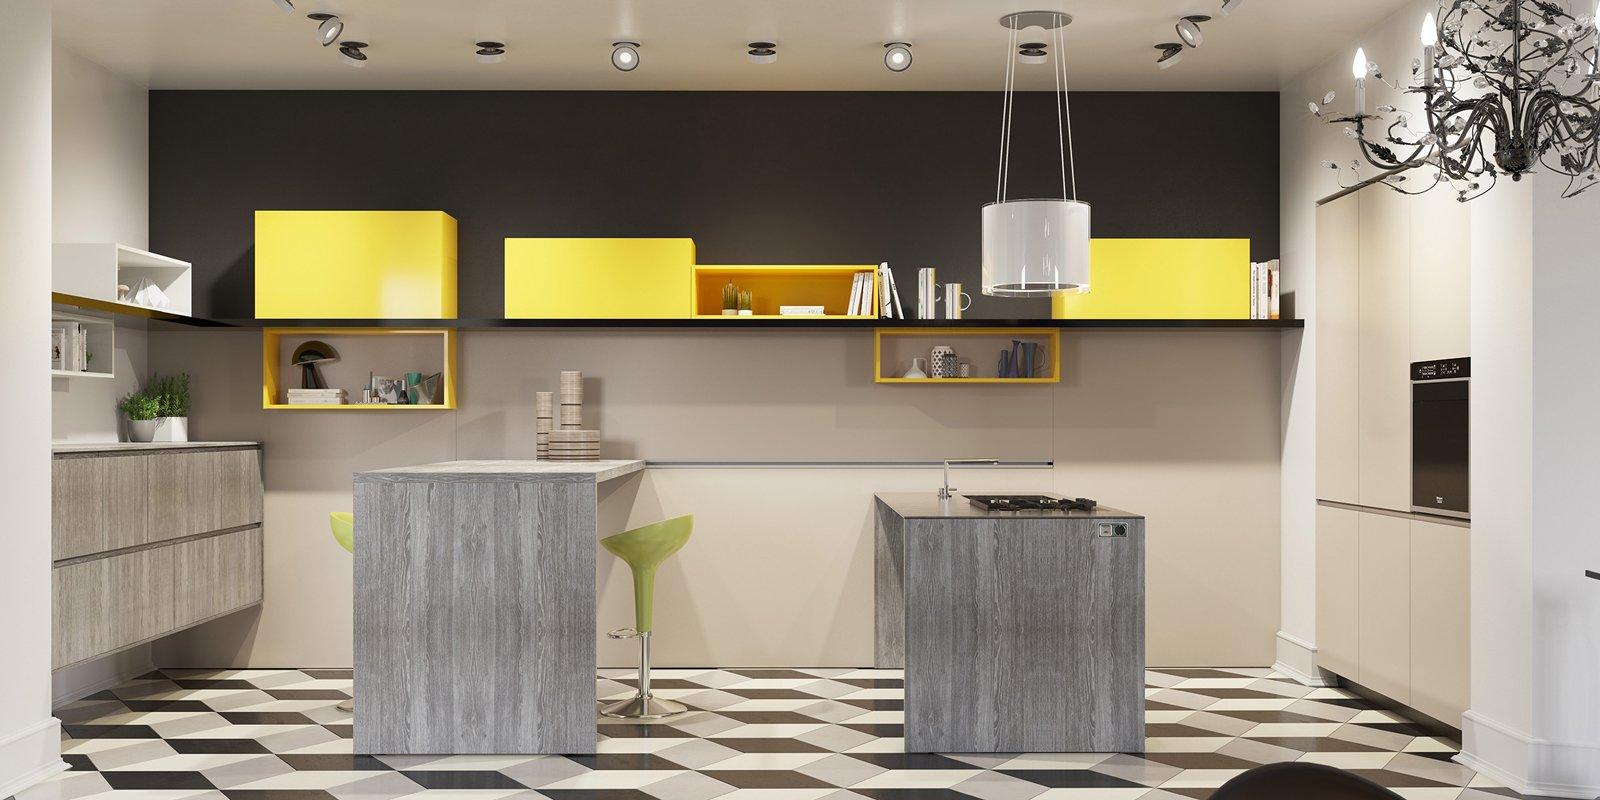 Arredamento cucine piccole cose di casa for Arredamento componibile